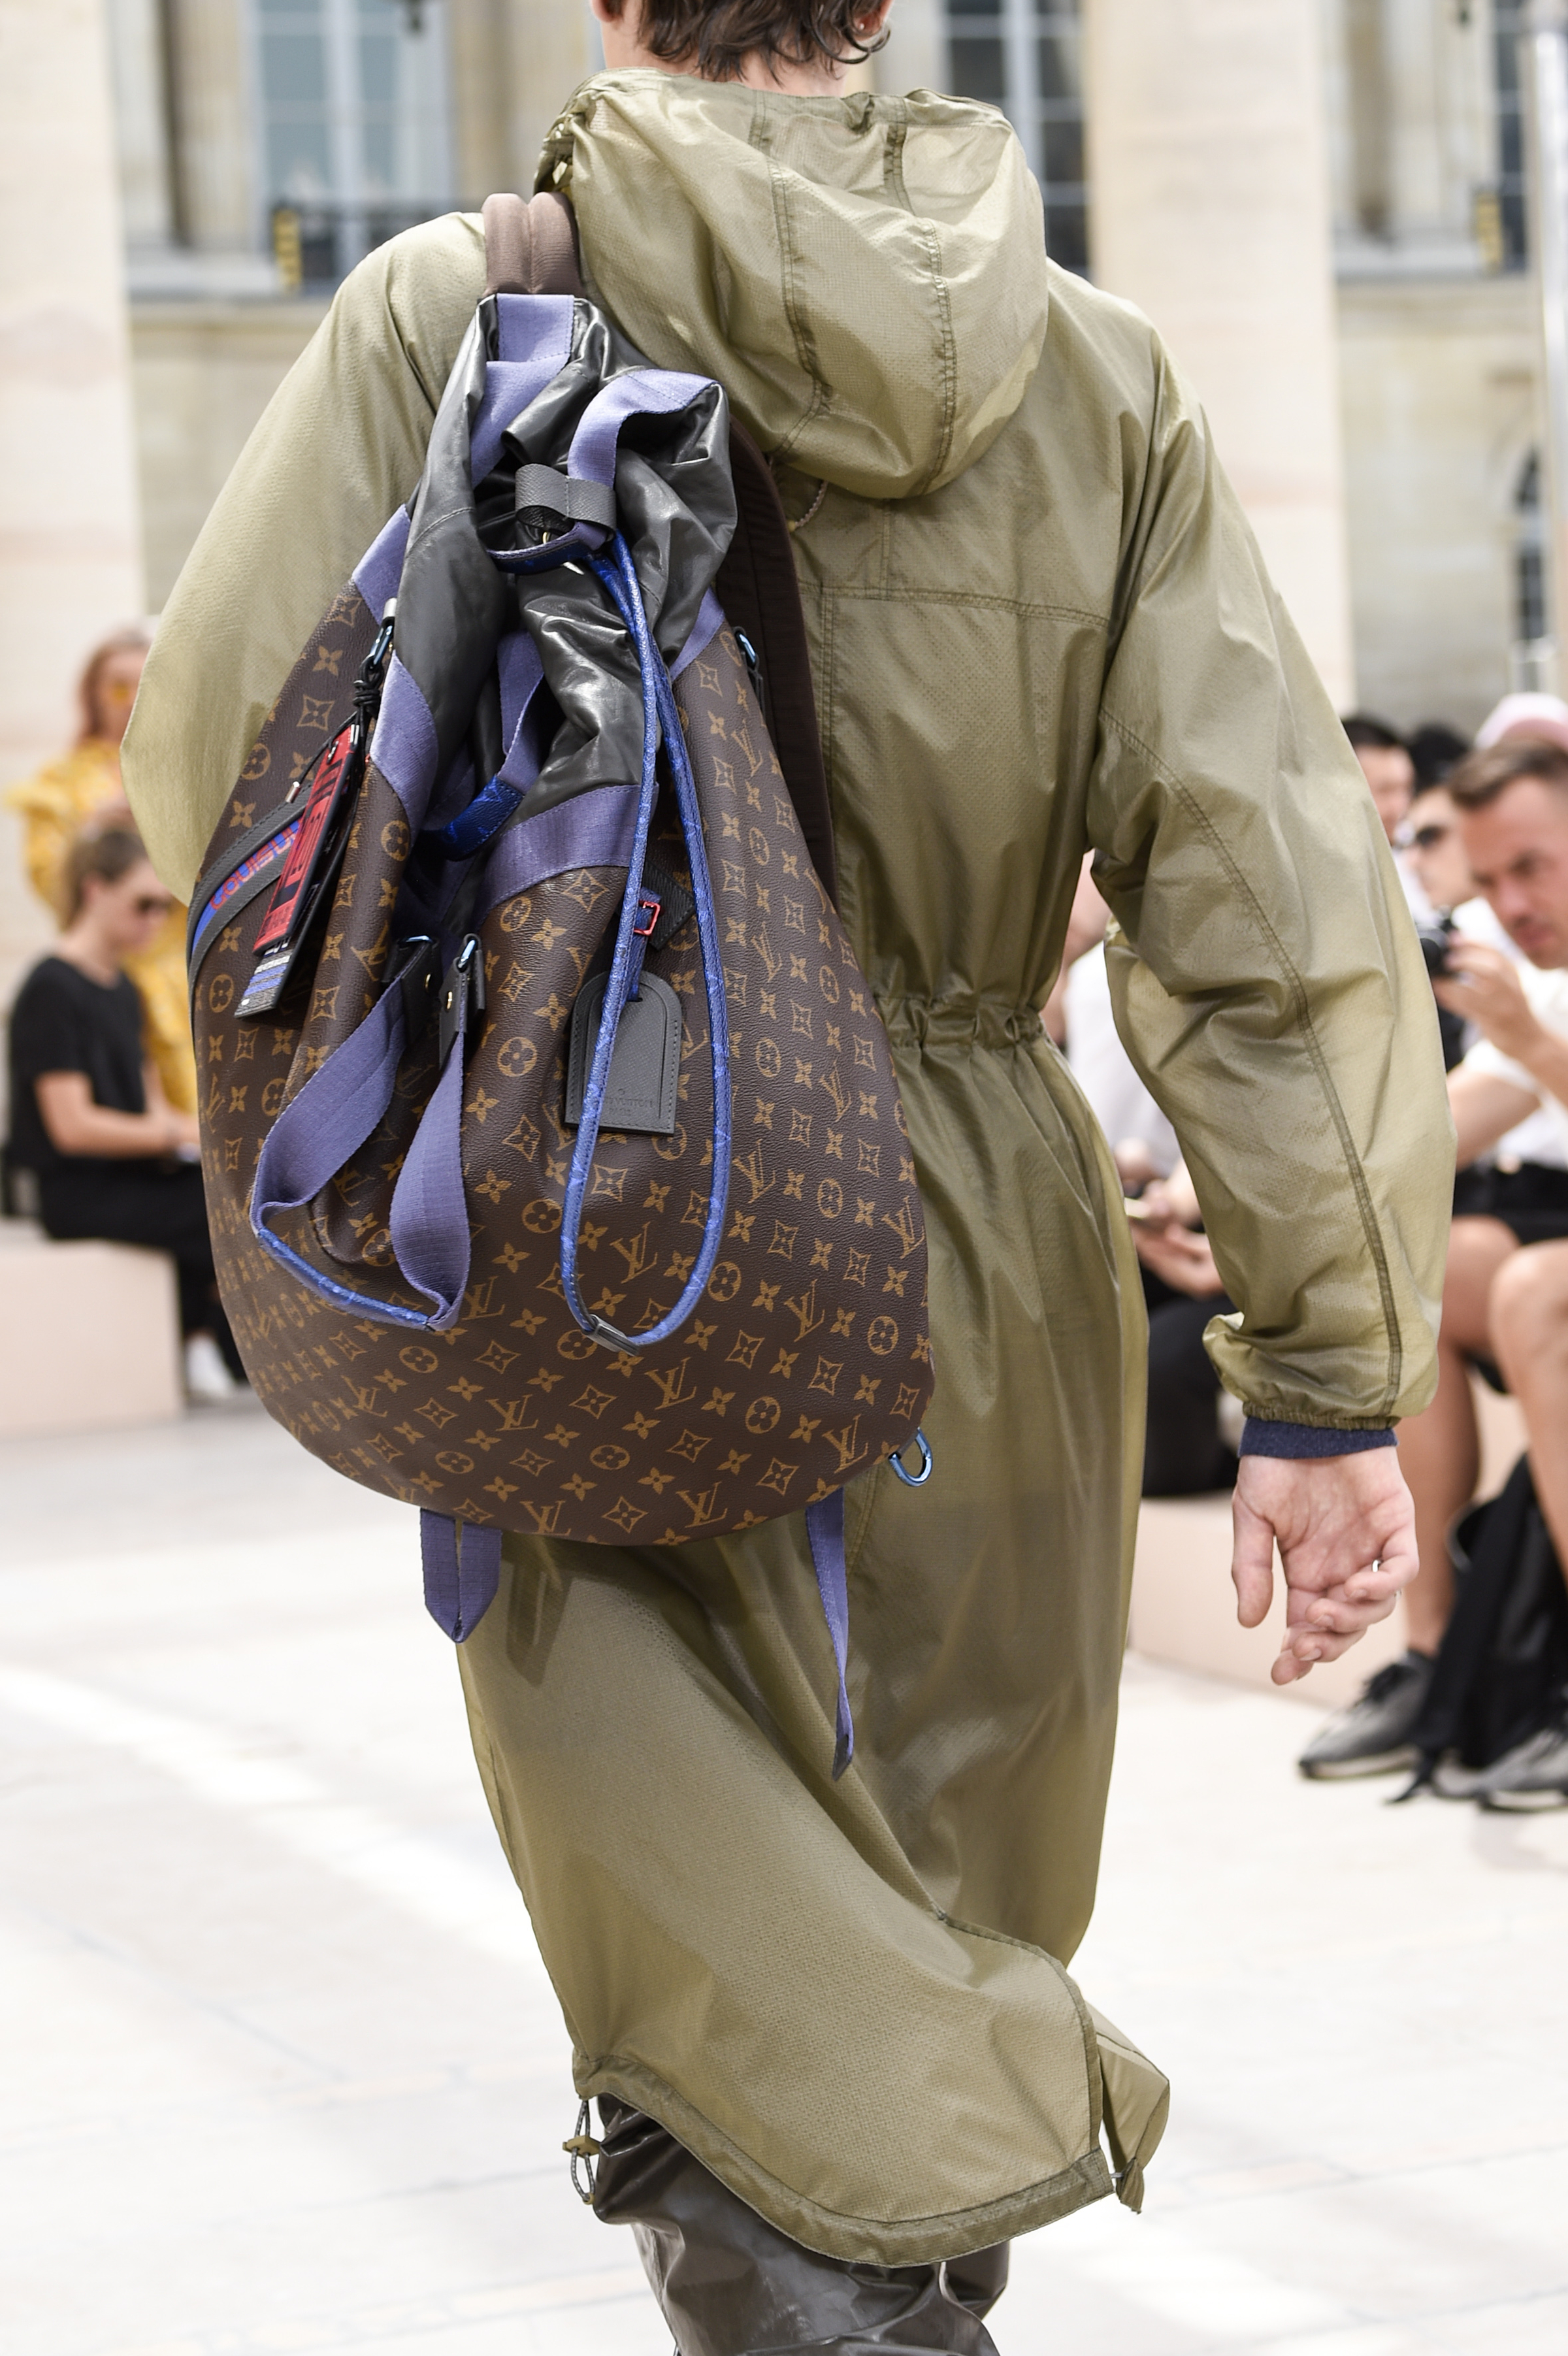 Paris Fashion Week Spring: Ein Rucksack aus der Kollektion von Louis Vuitton (ddp images)